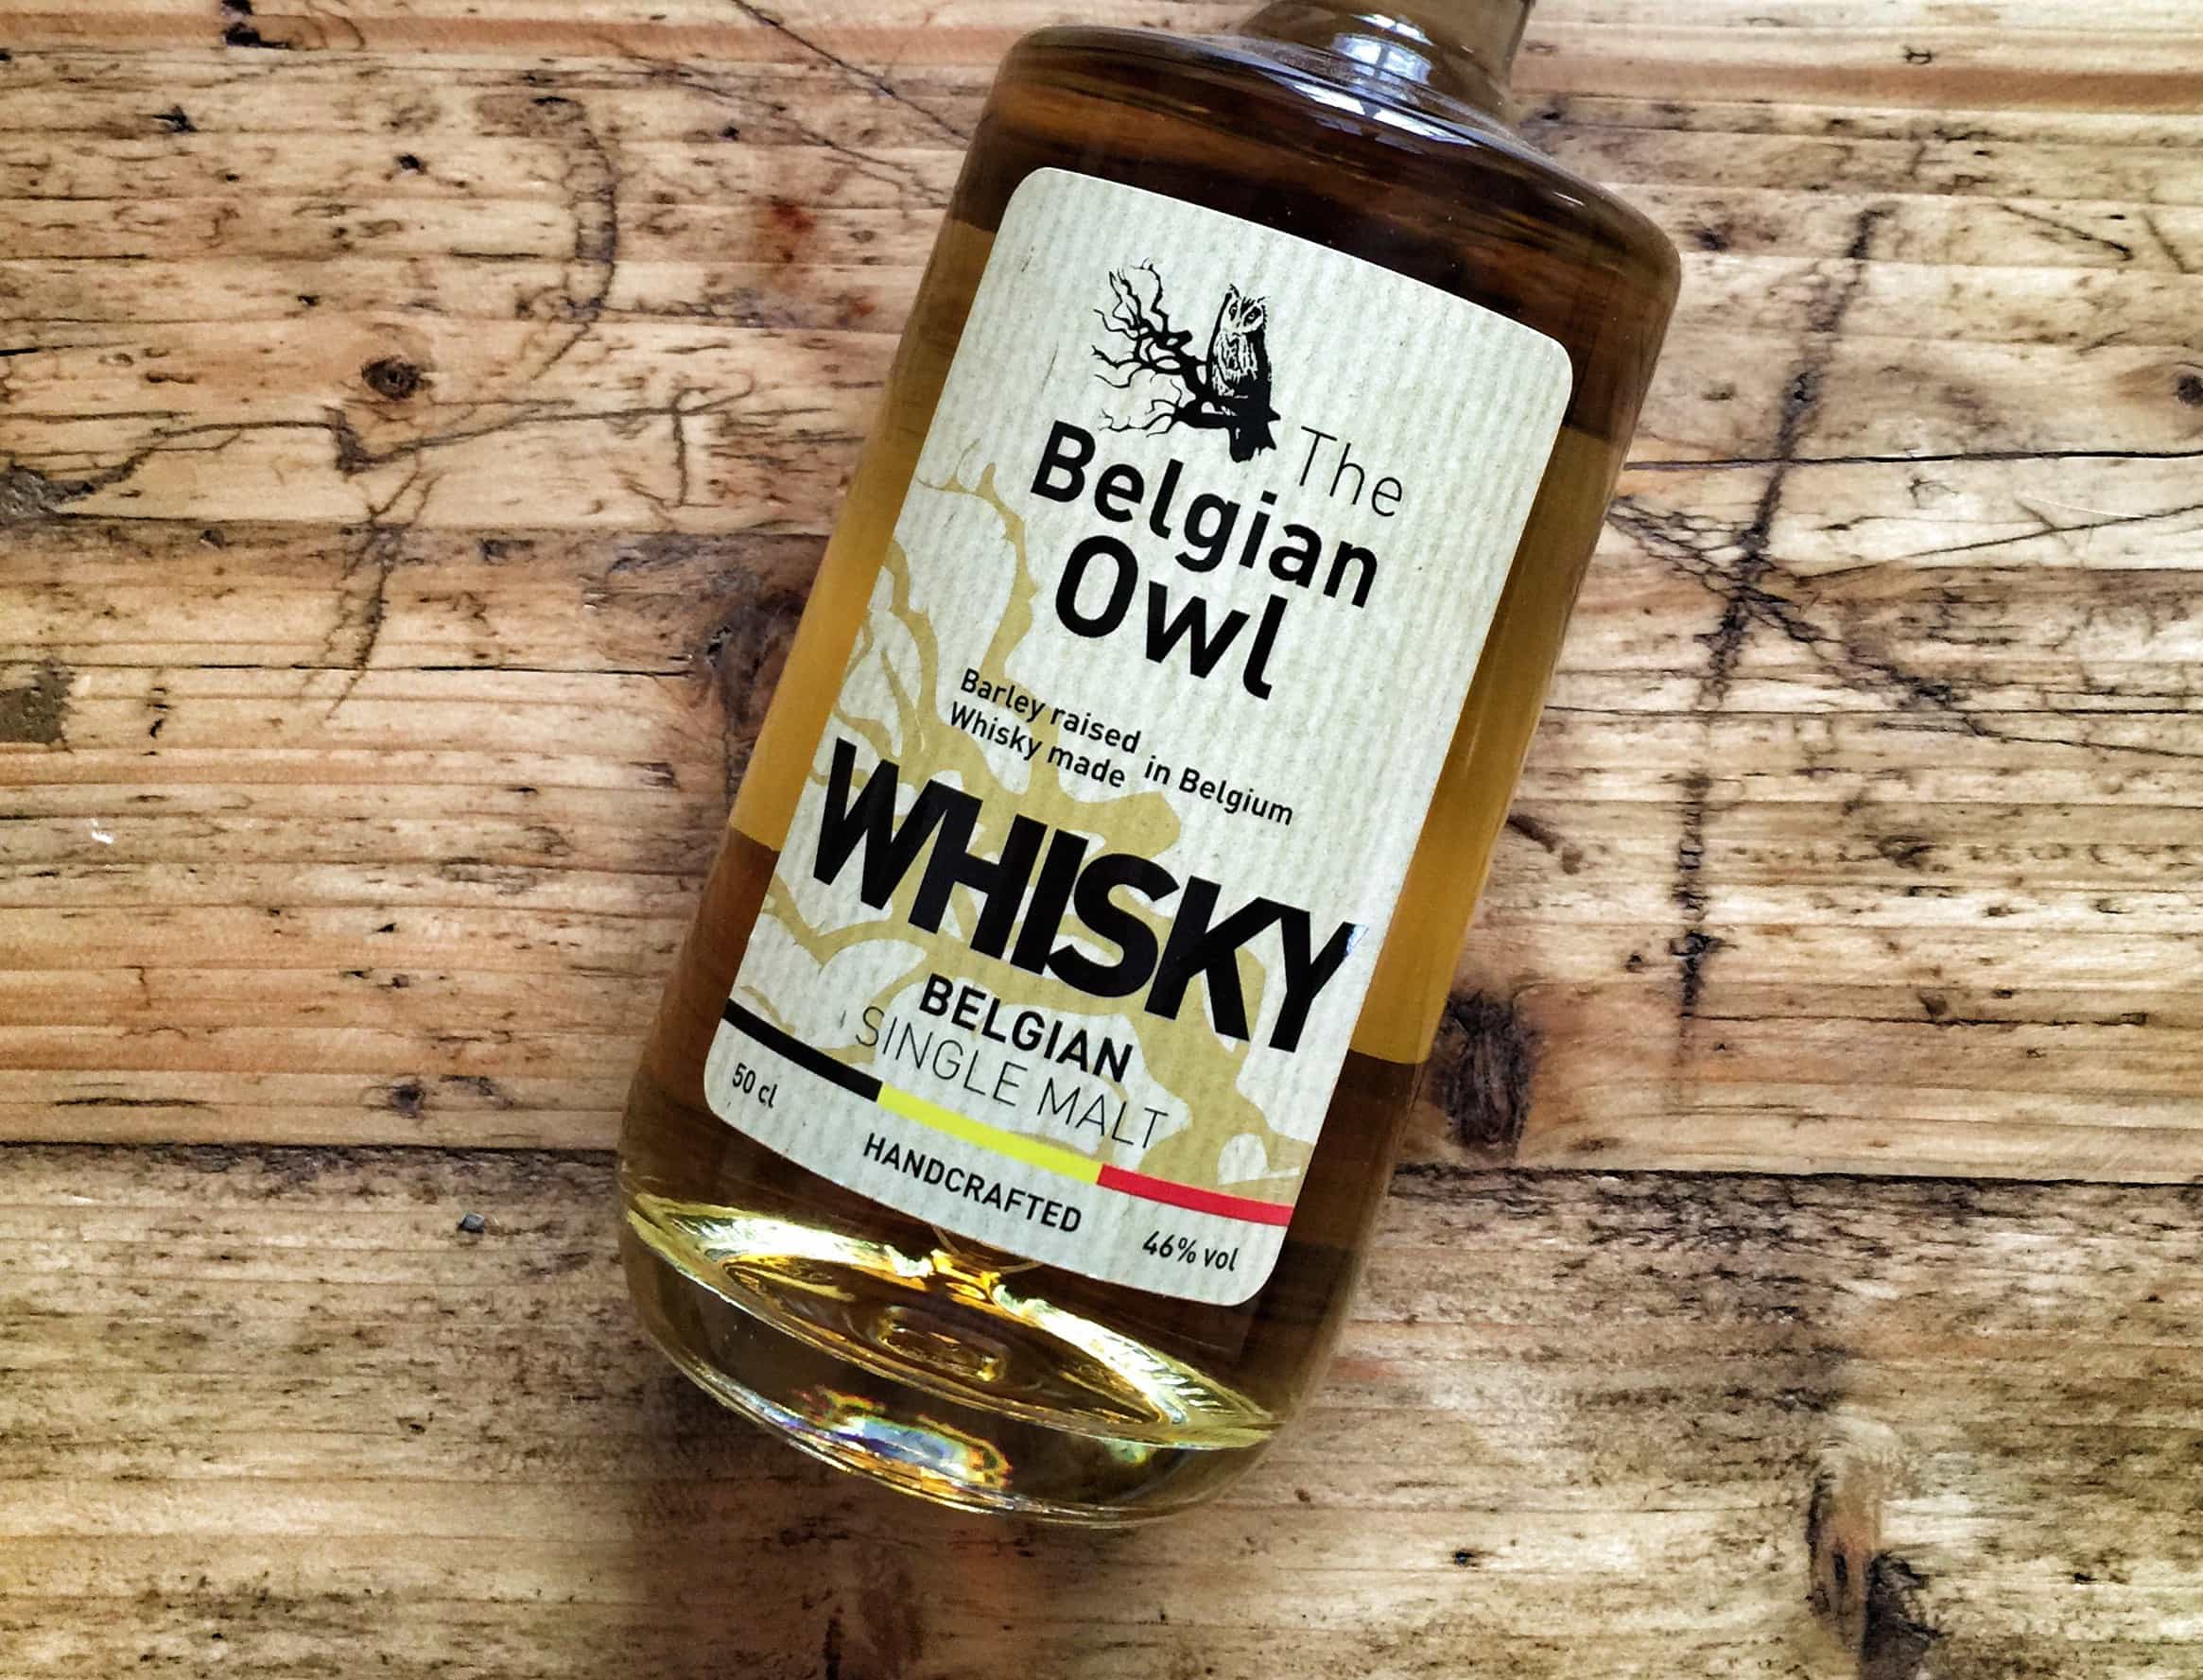 Belgian Owl Single malt whisky